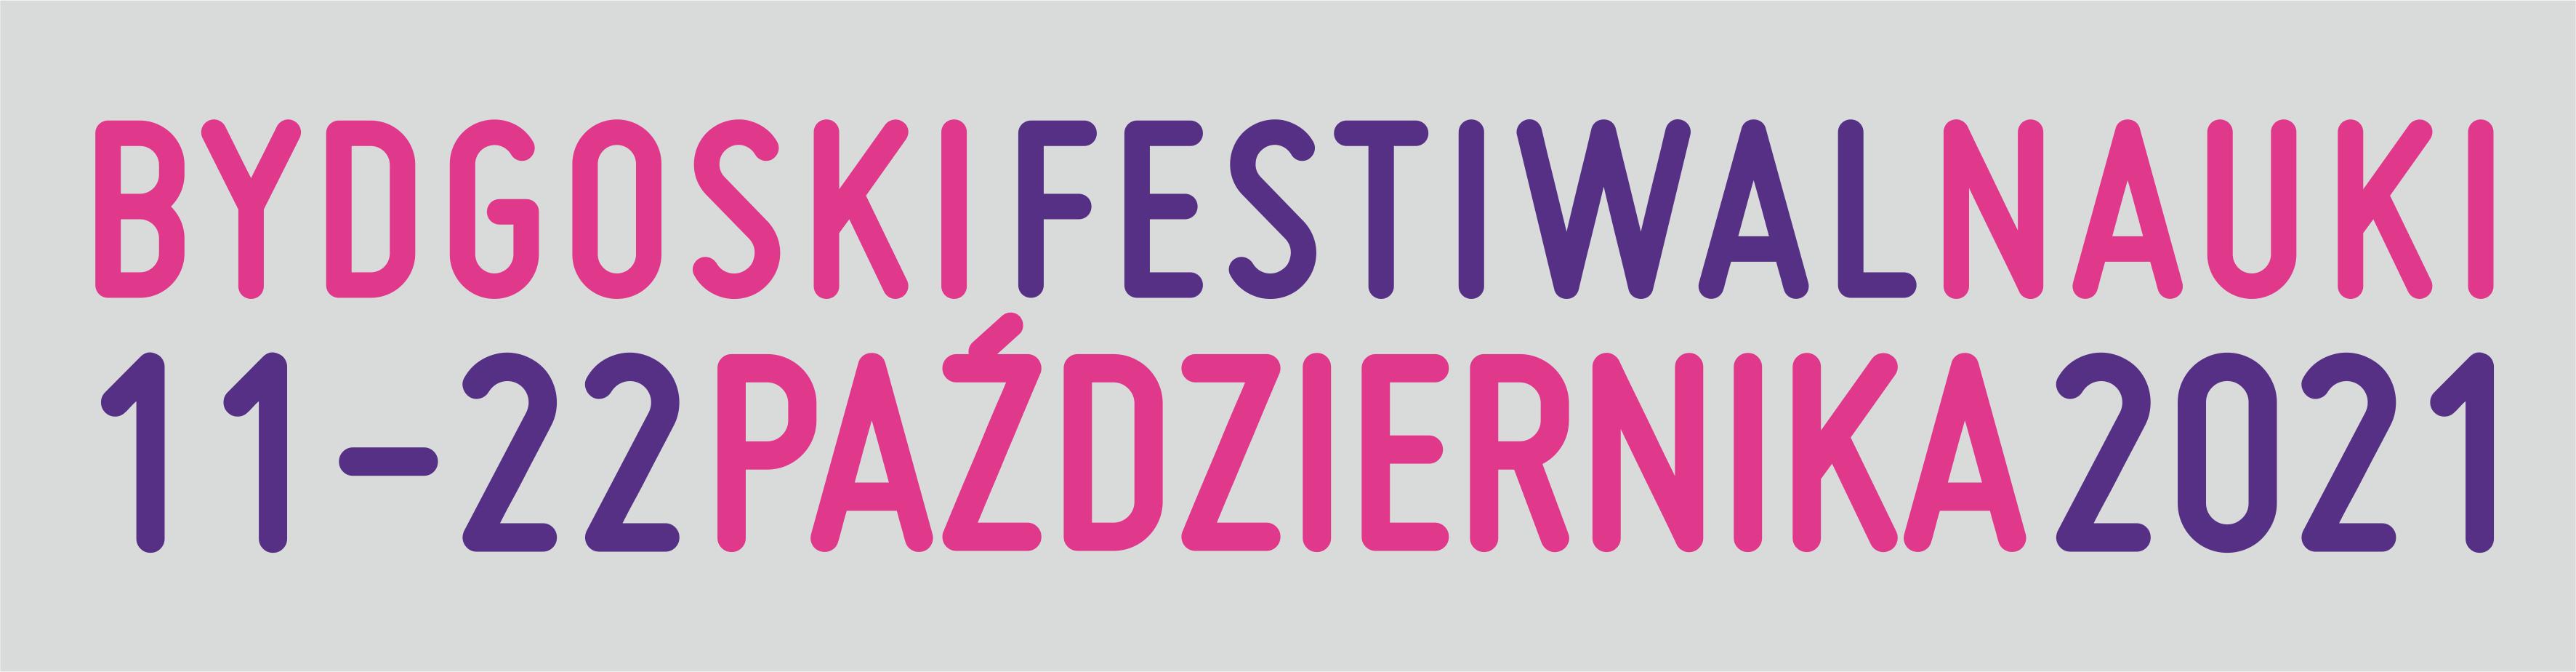 Baner (kolorowy napis Bydgoski Festiwal Nauki online)